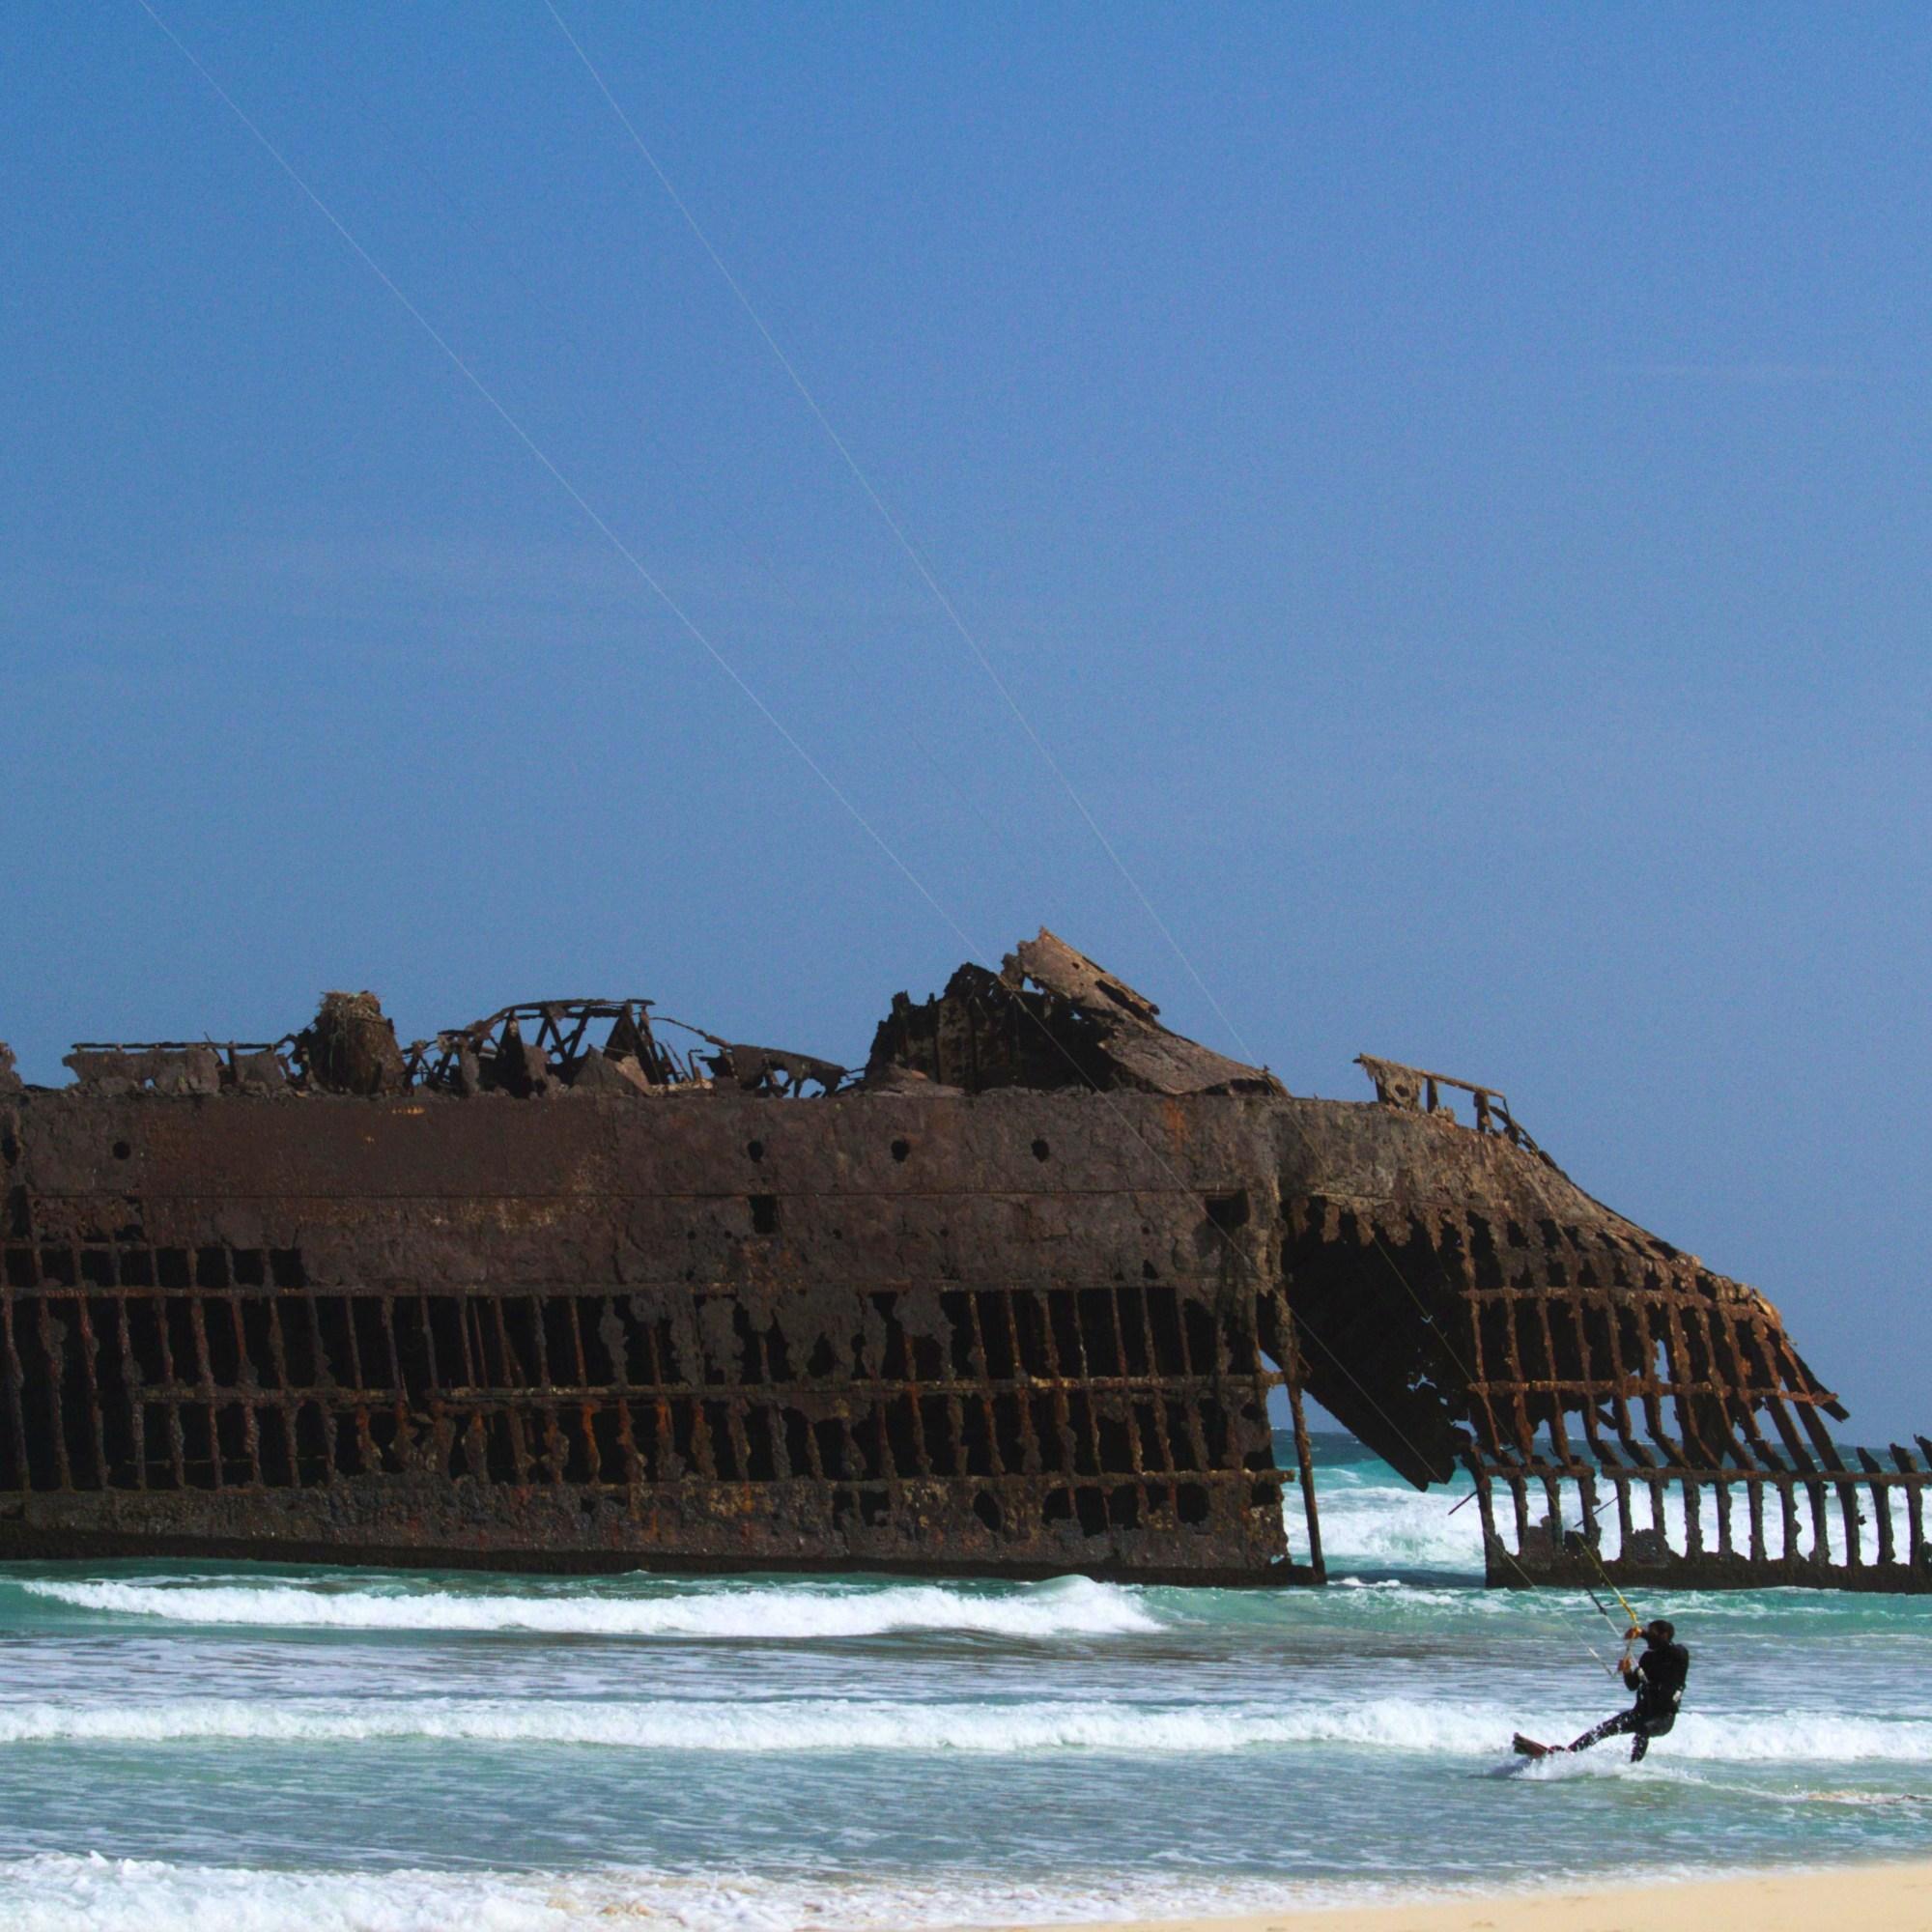 Praia da Atalanta, épave de bateau, Boa Vista, Cap Vert